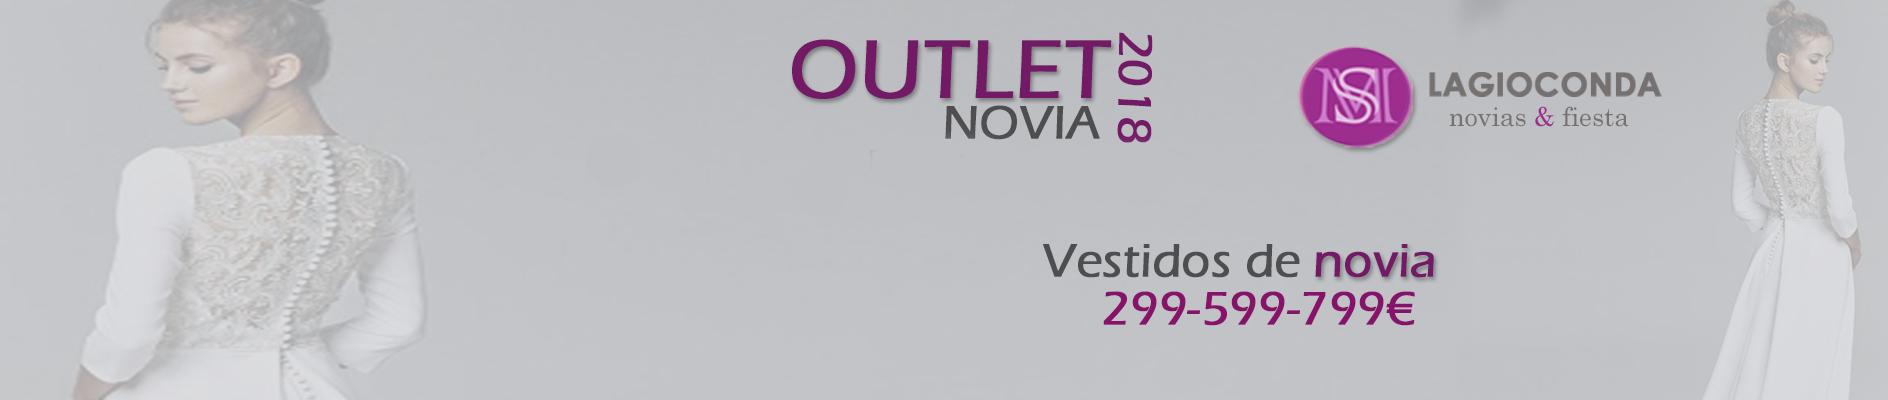 OUTLET-NOVIAS-MALAGA-2